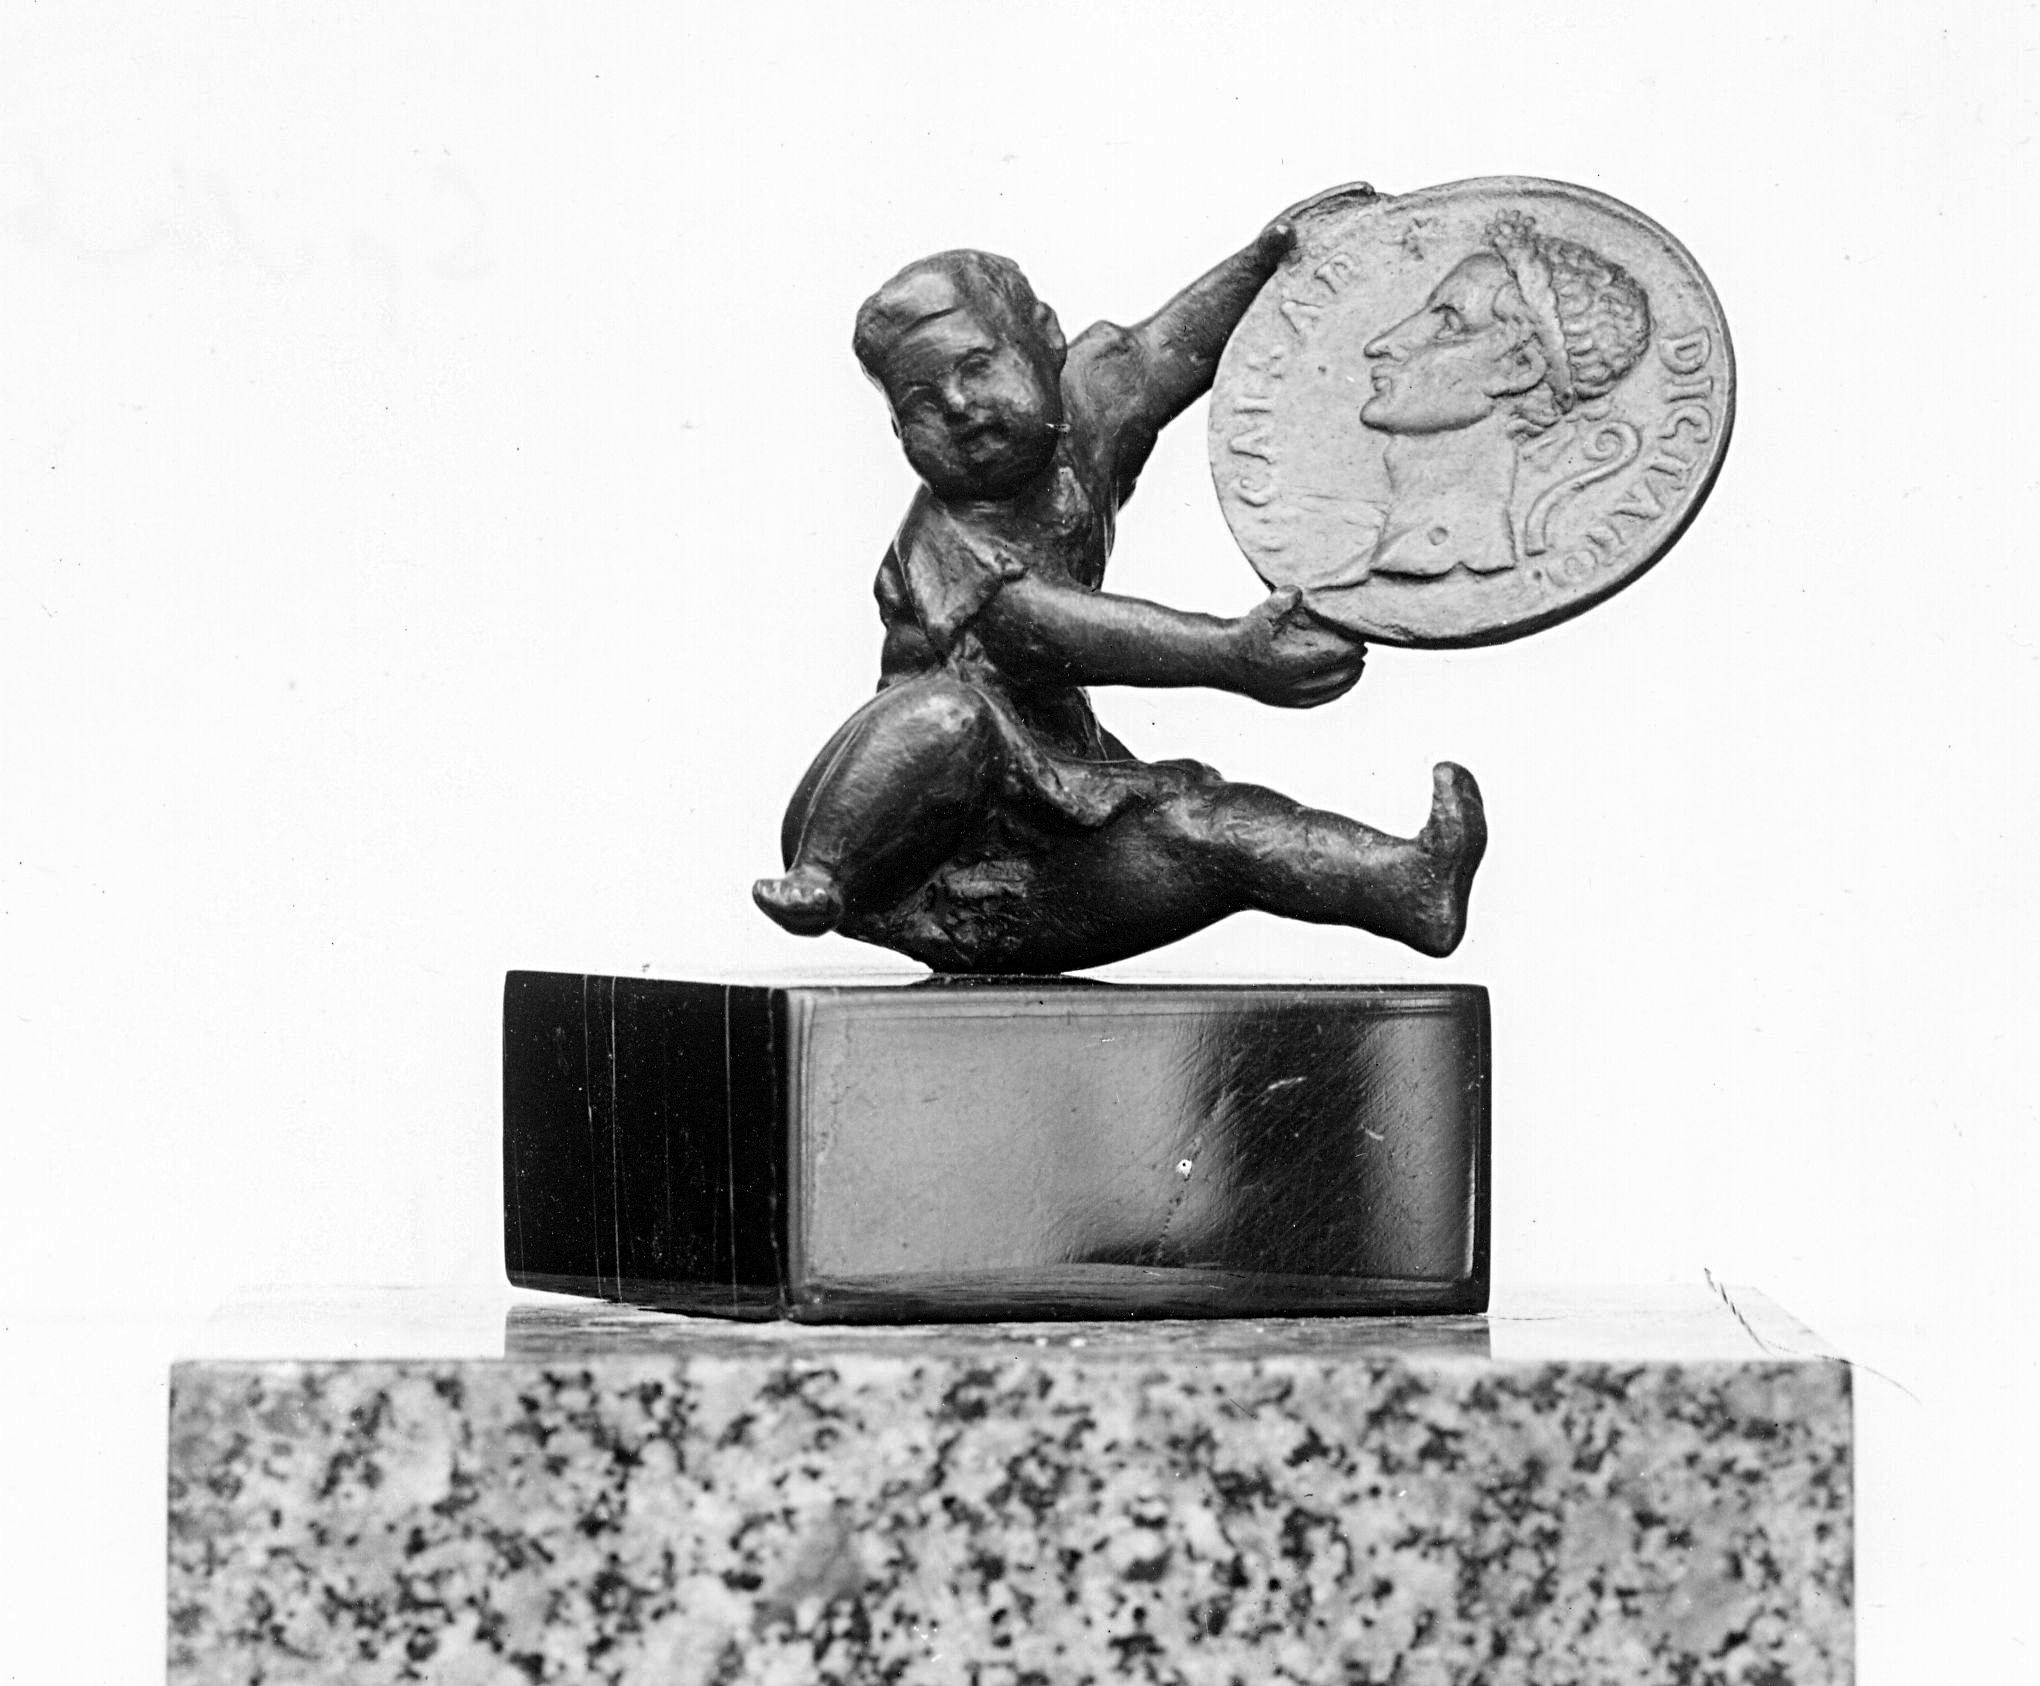 Sitzender Knabe mit Münze